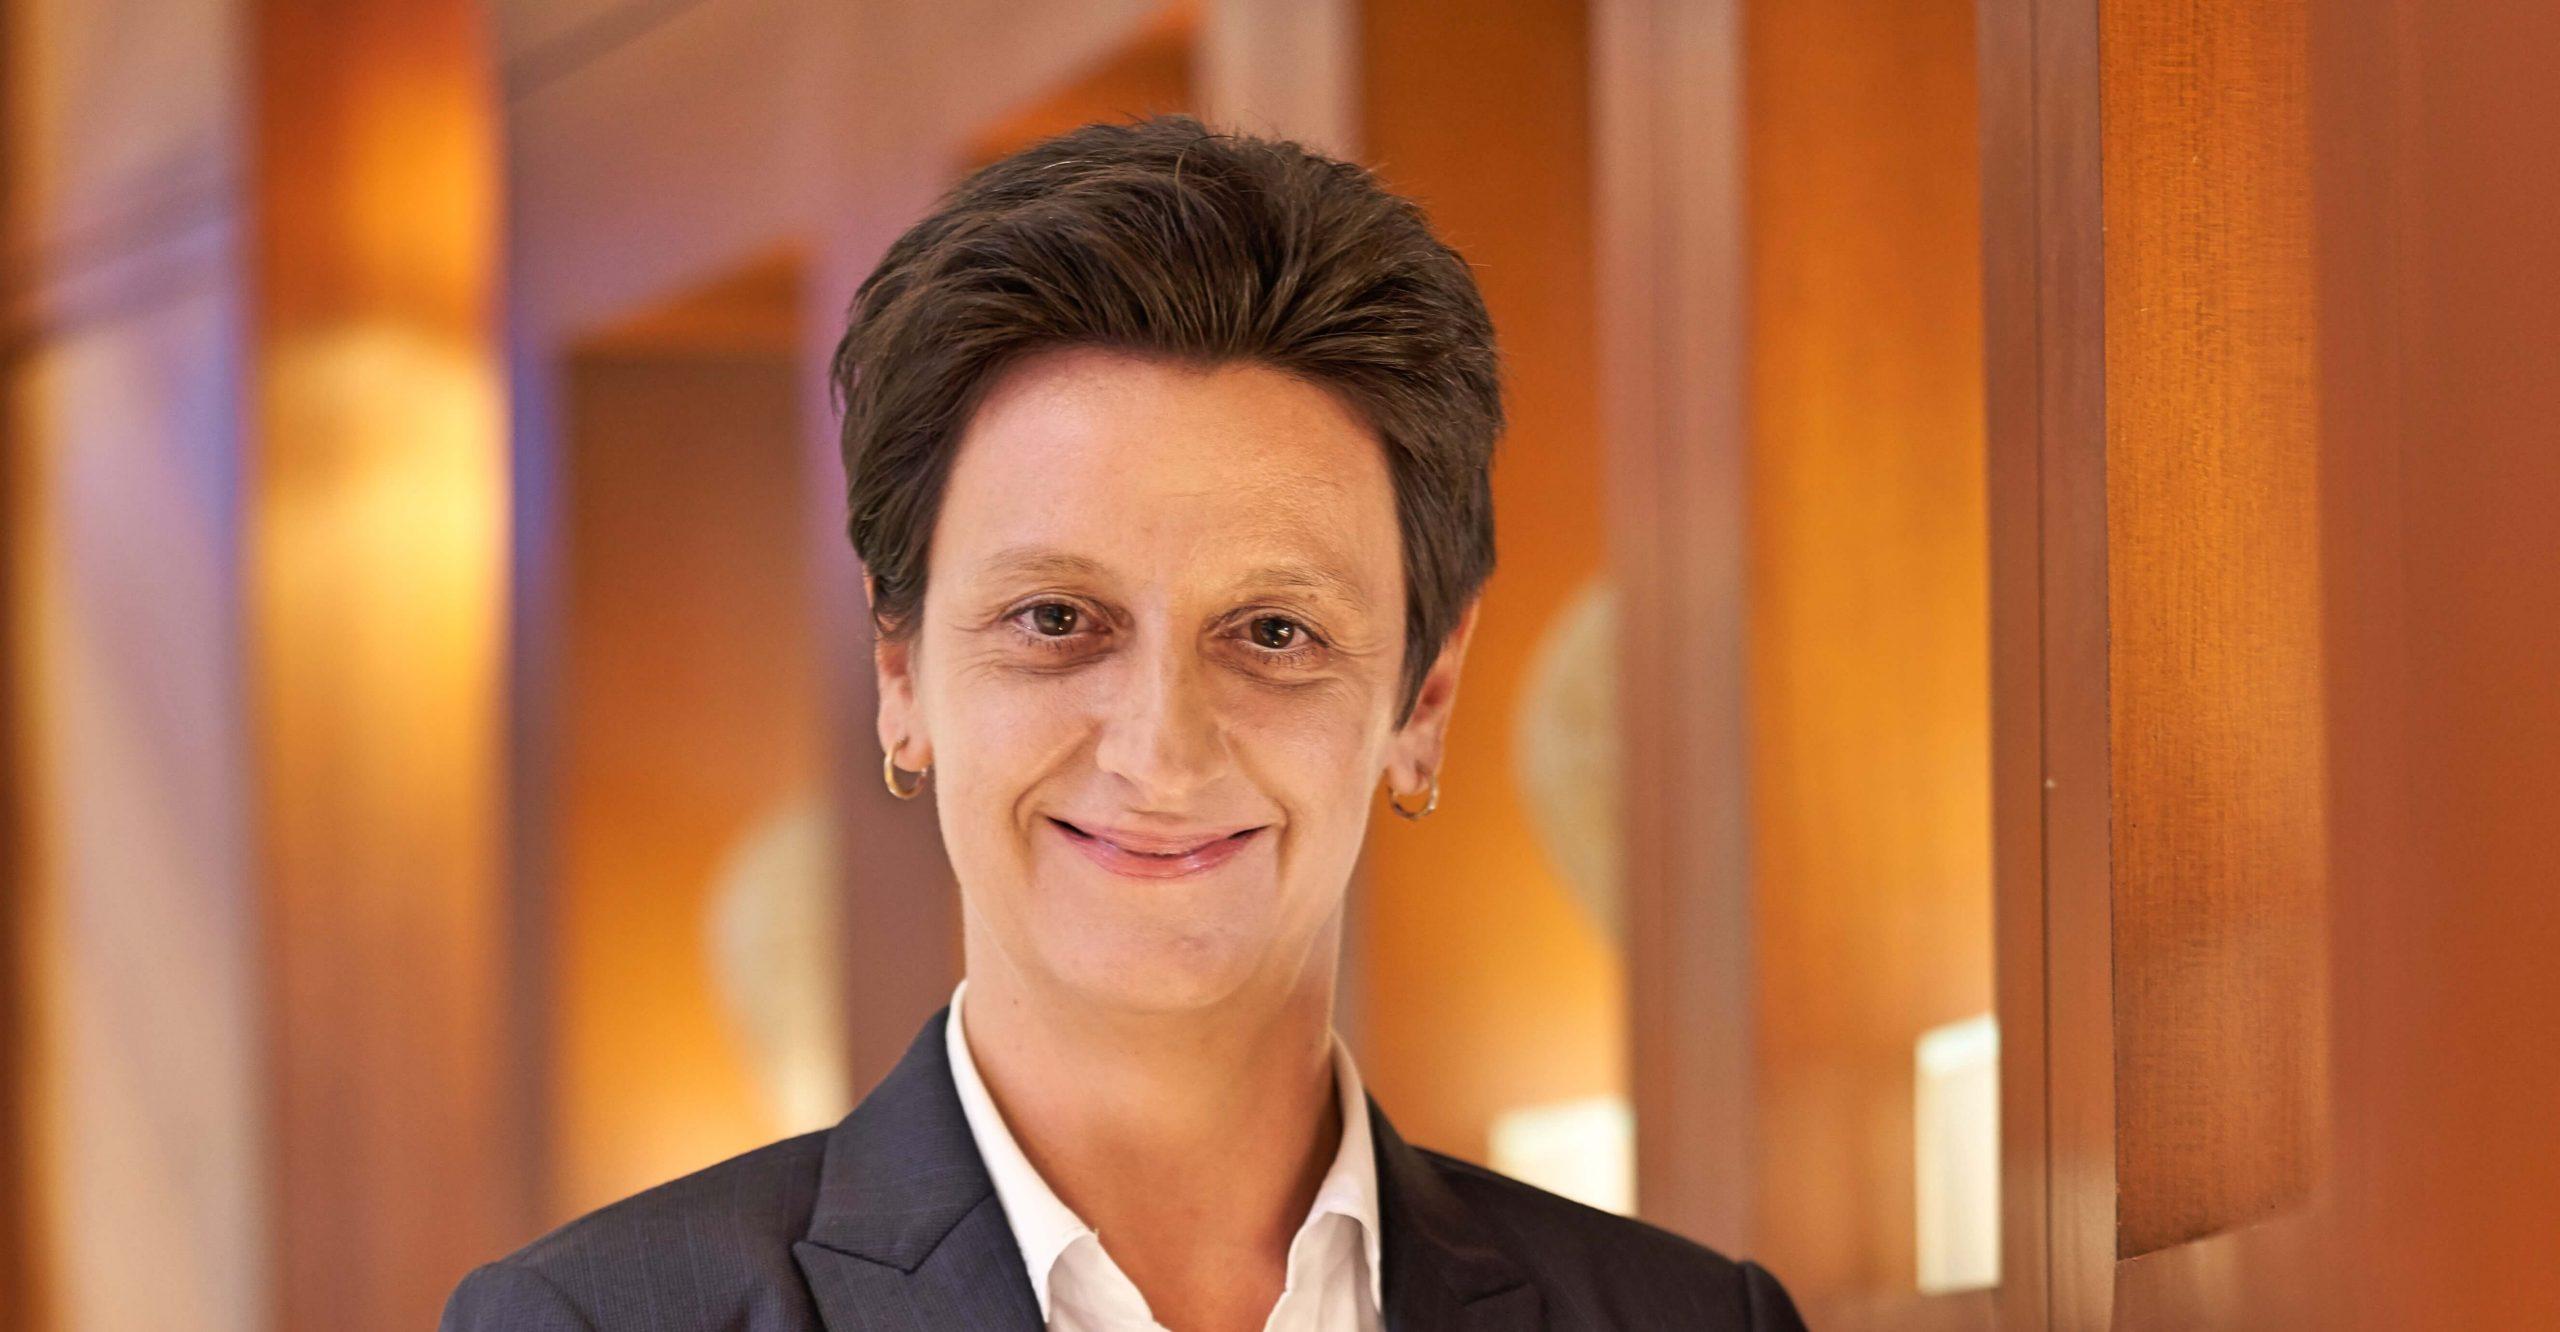 Michaela Priesner